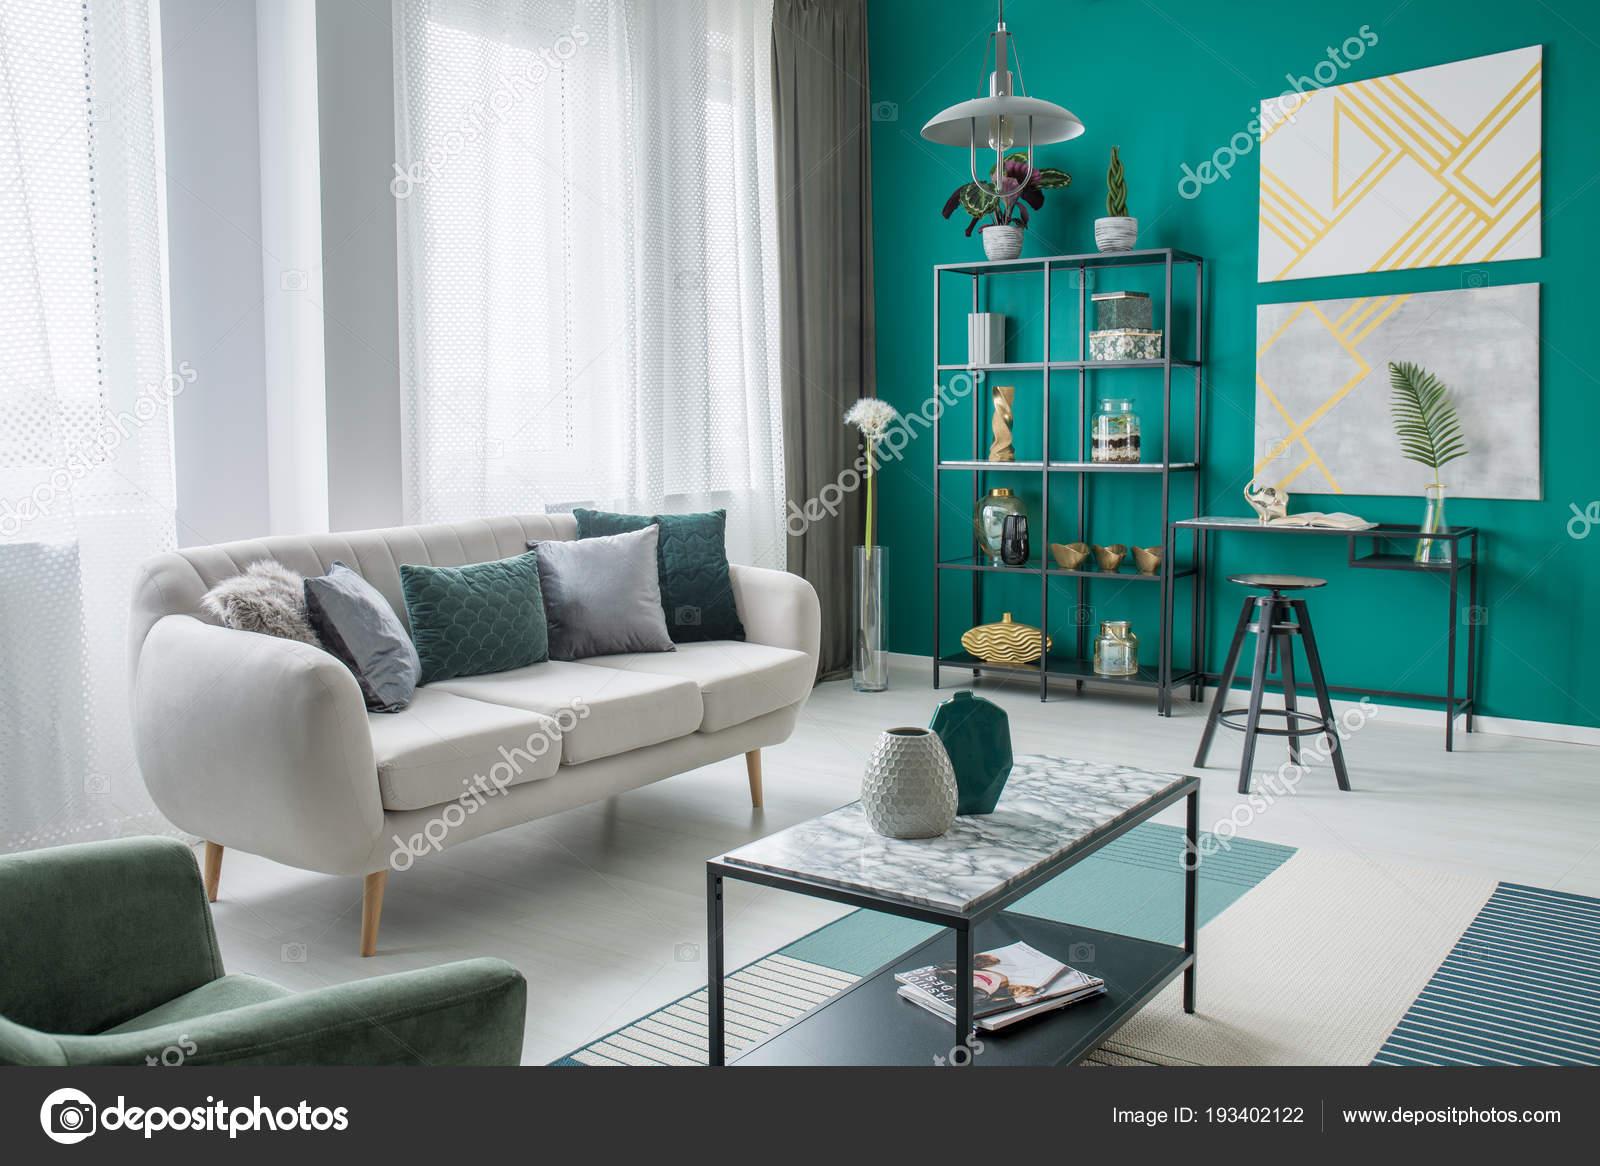 Gold Poster Auf Grüne Wand Gemütlichen Wohnzimmer Interieur Mit ...